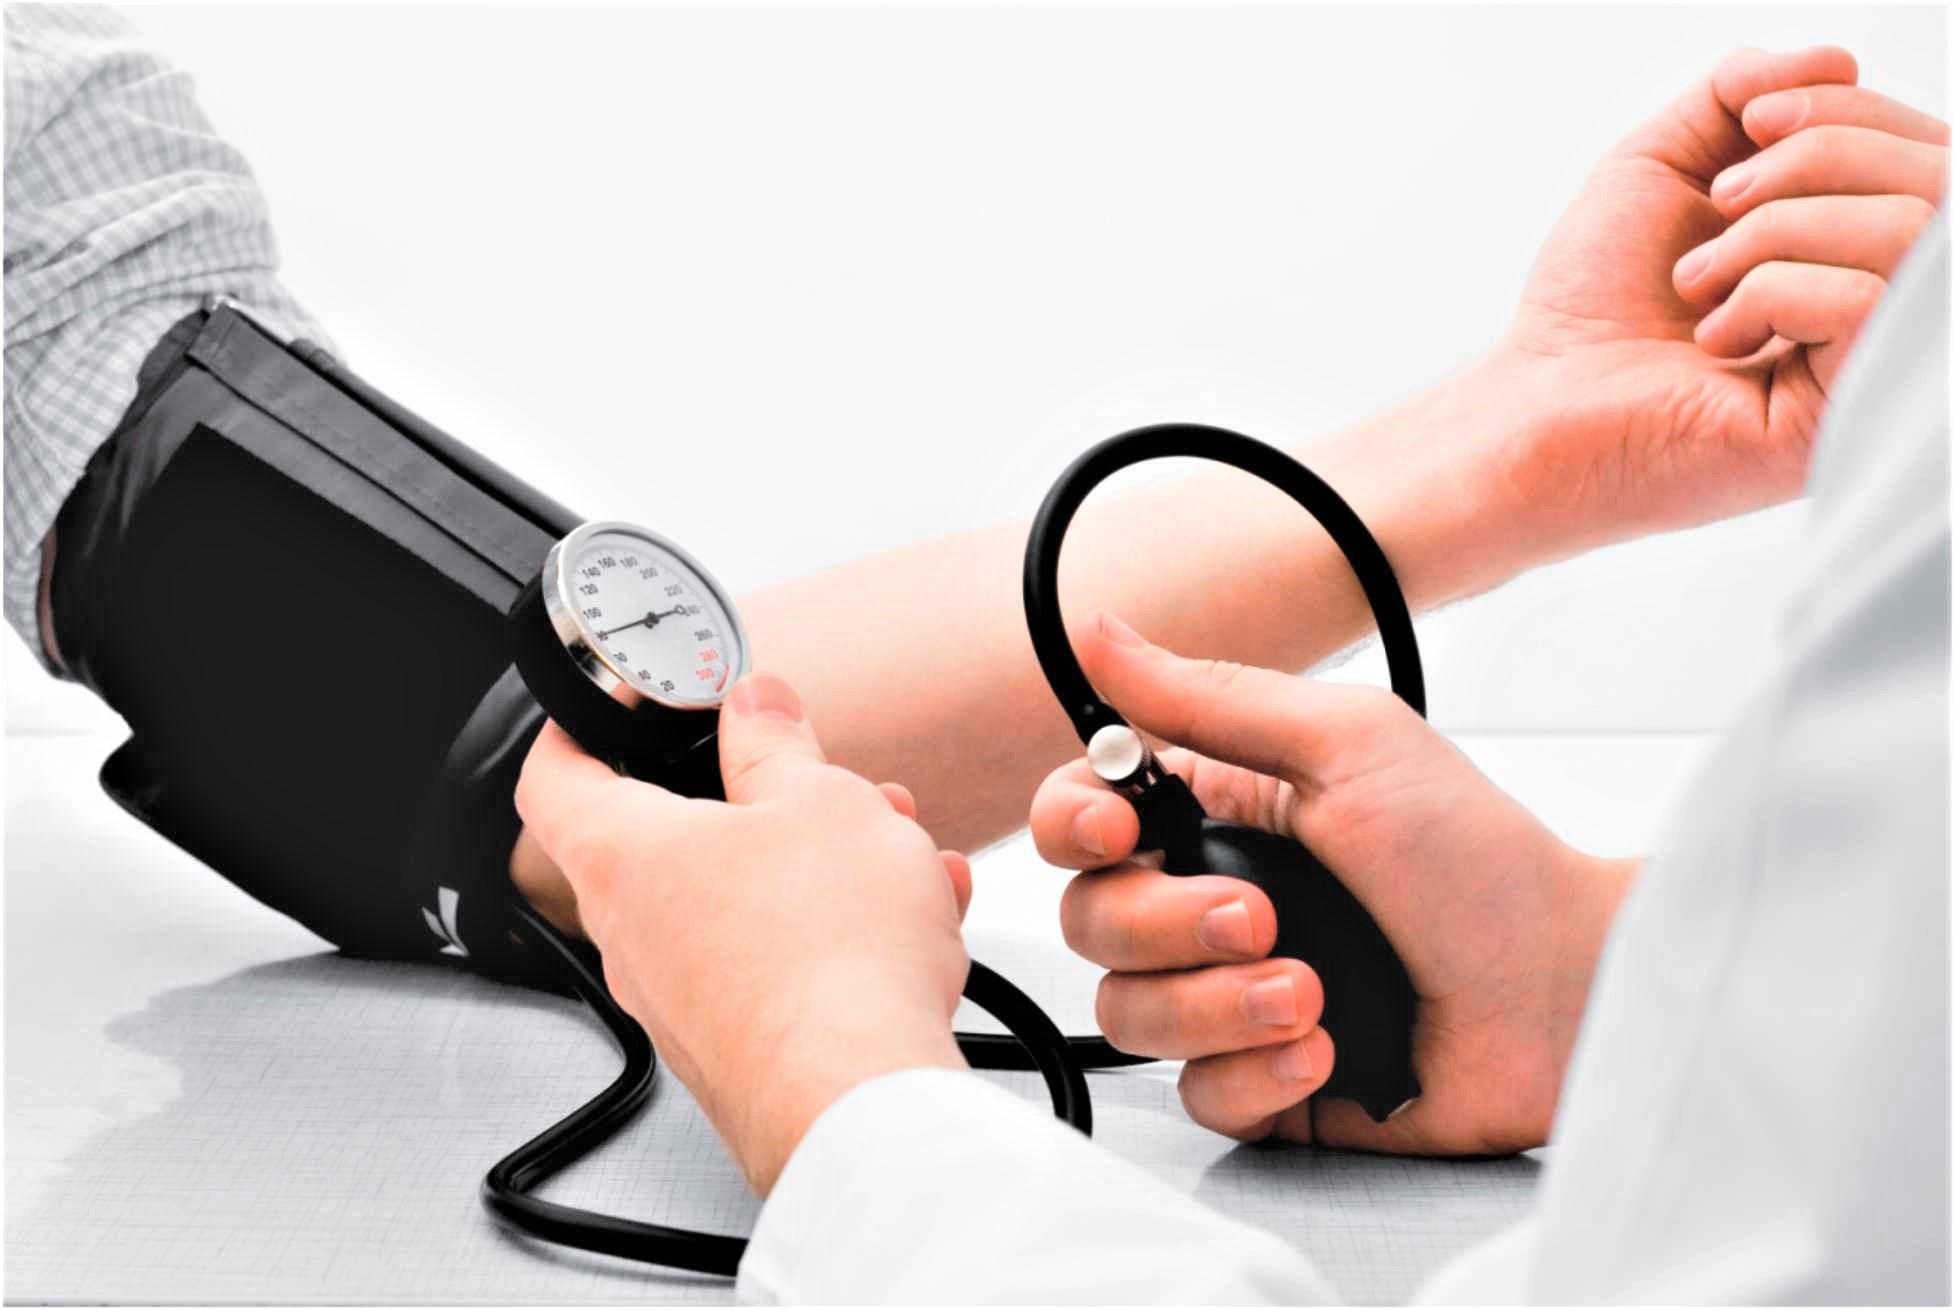 Hipertensão: causas, sintomas e tratamento